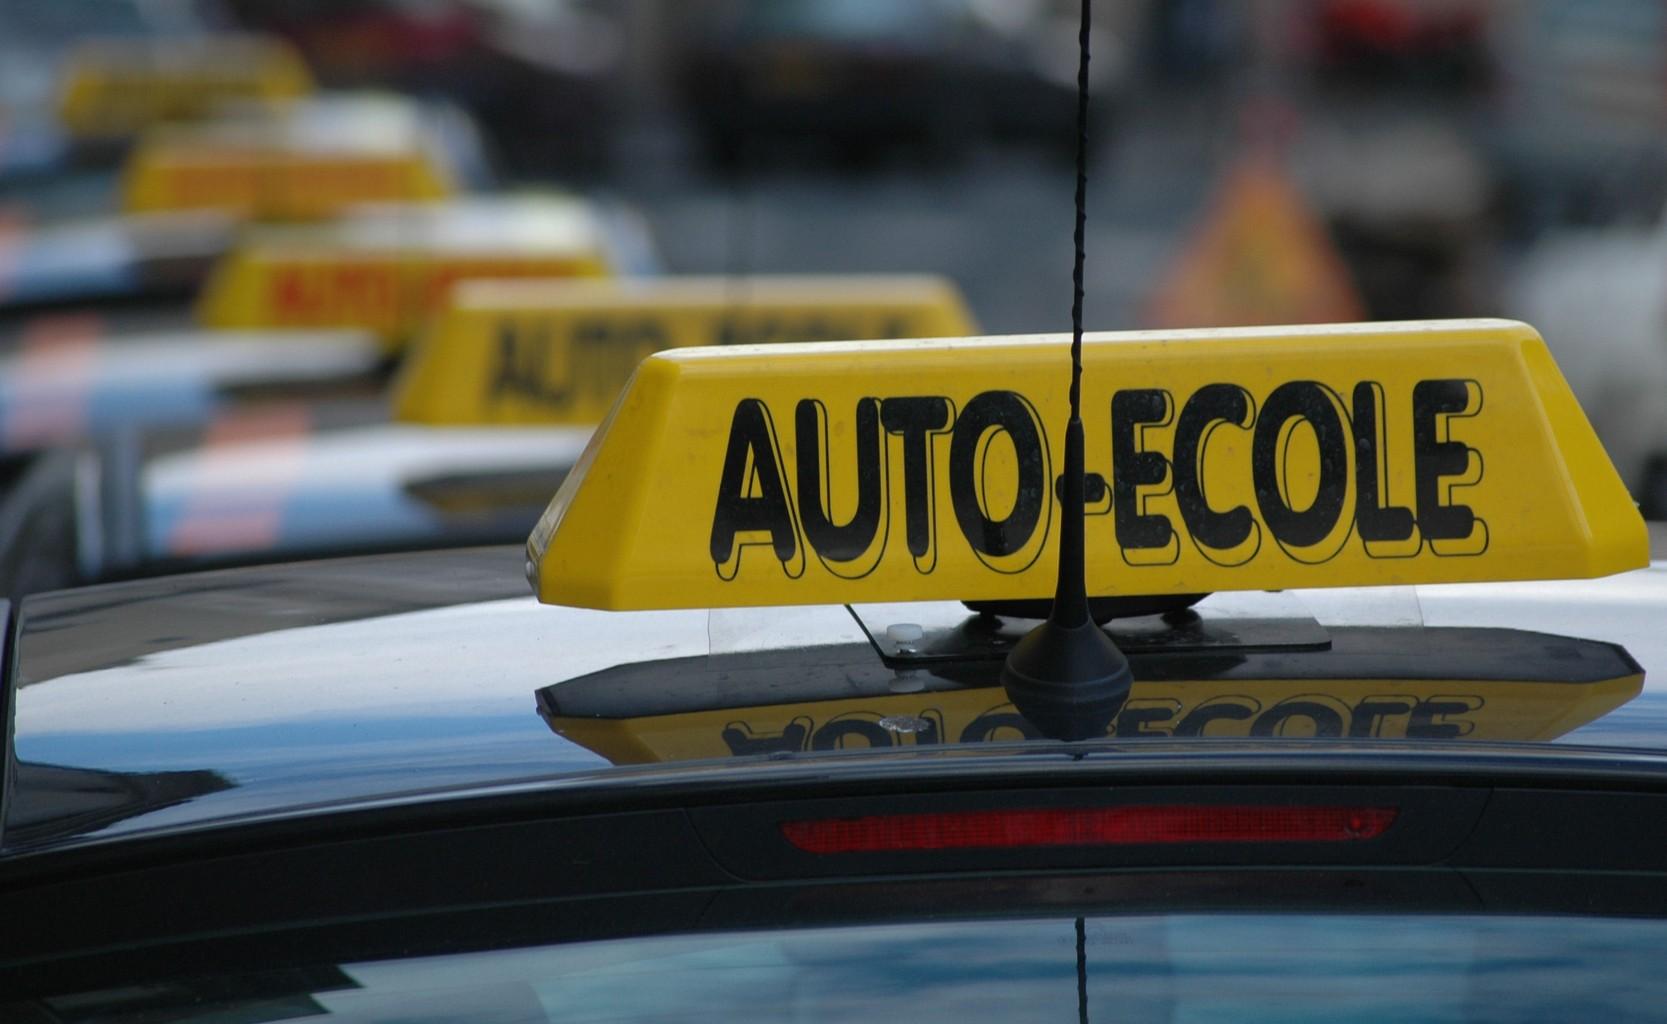 Auto-école contact + : Un suivi exigeant de la formation au permis de conduire ?